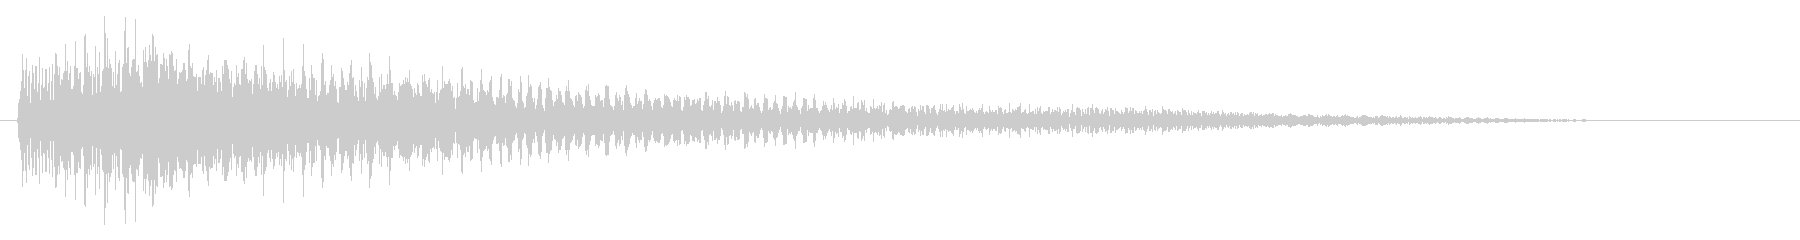 【生演奏】安らぐピアノジングルの未再生の波形